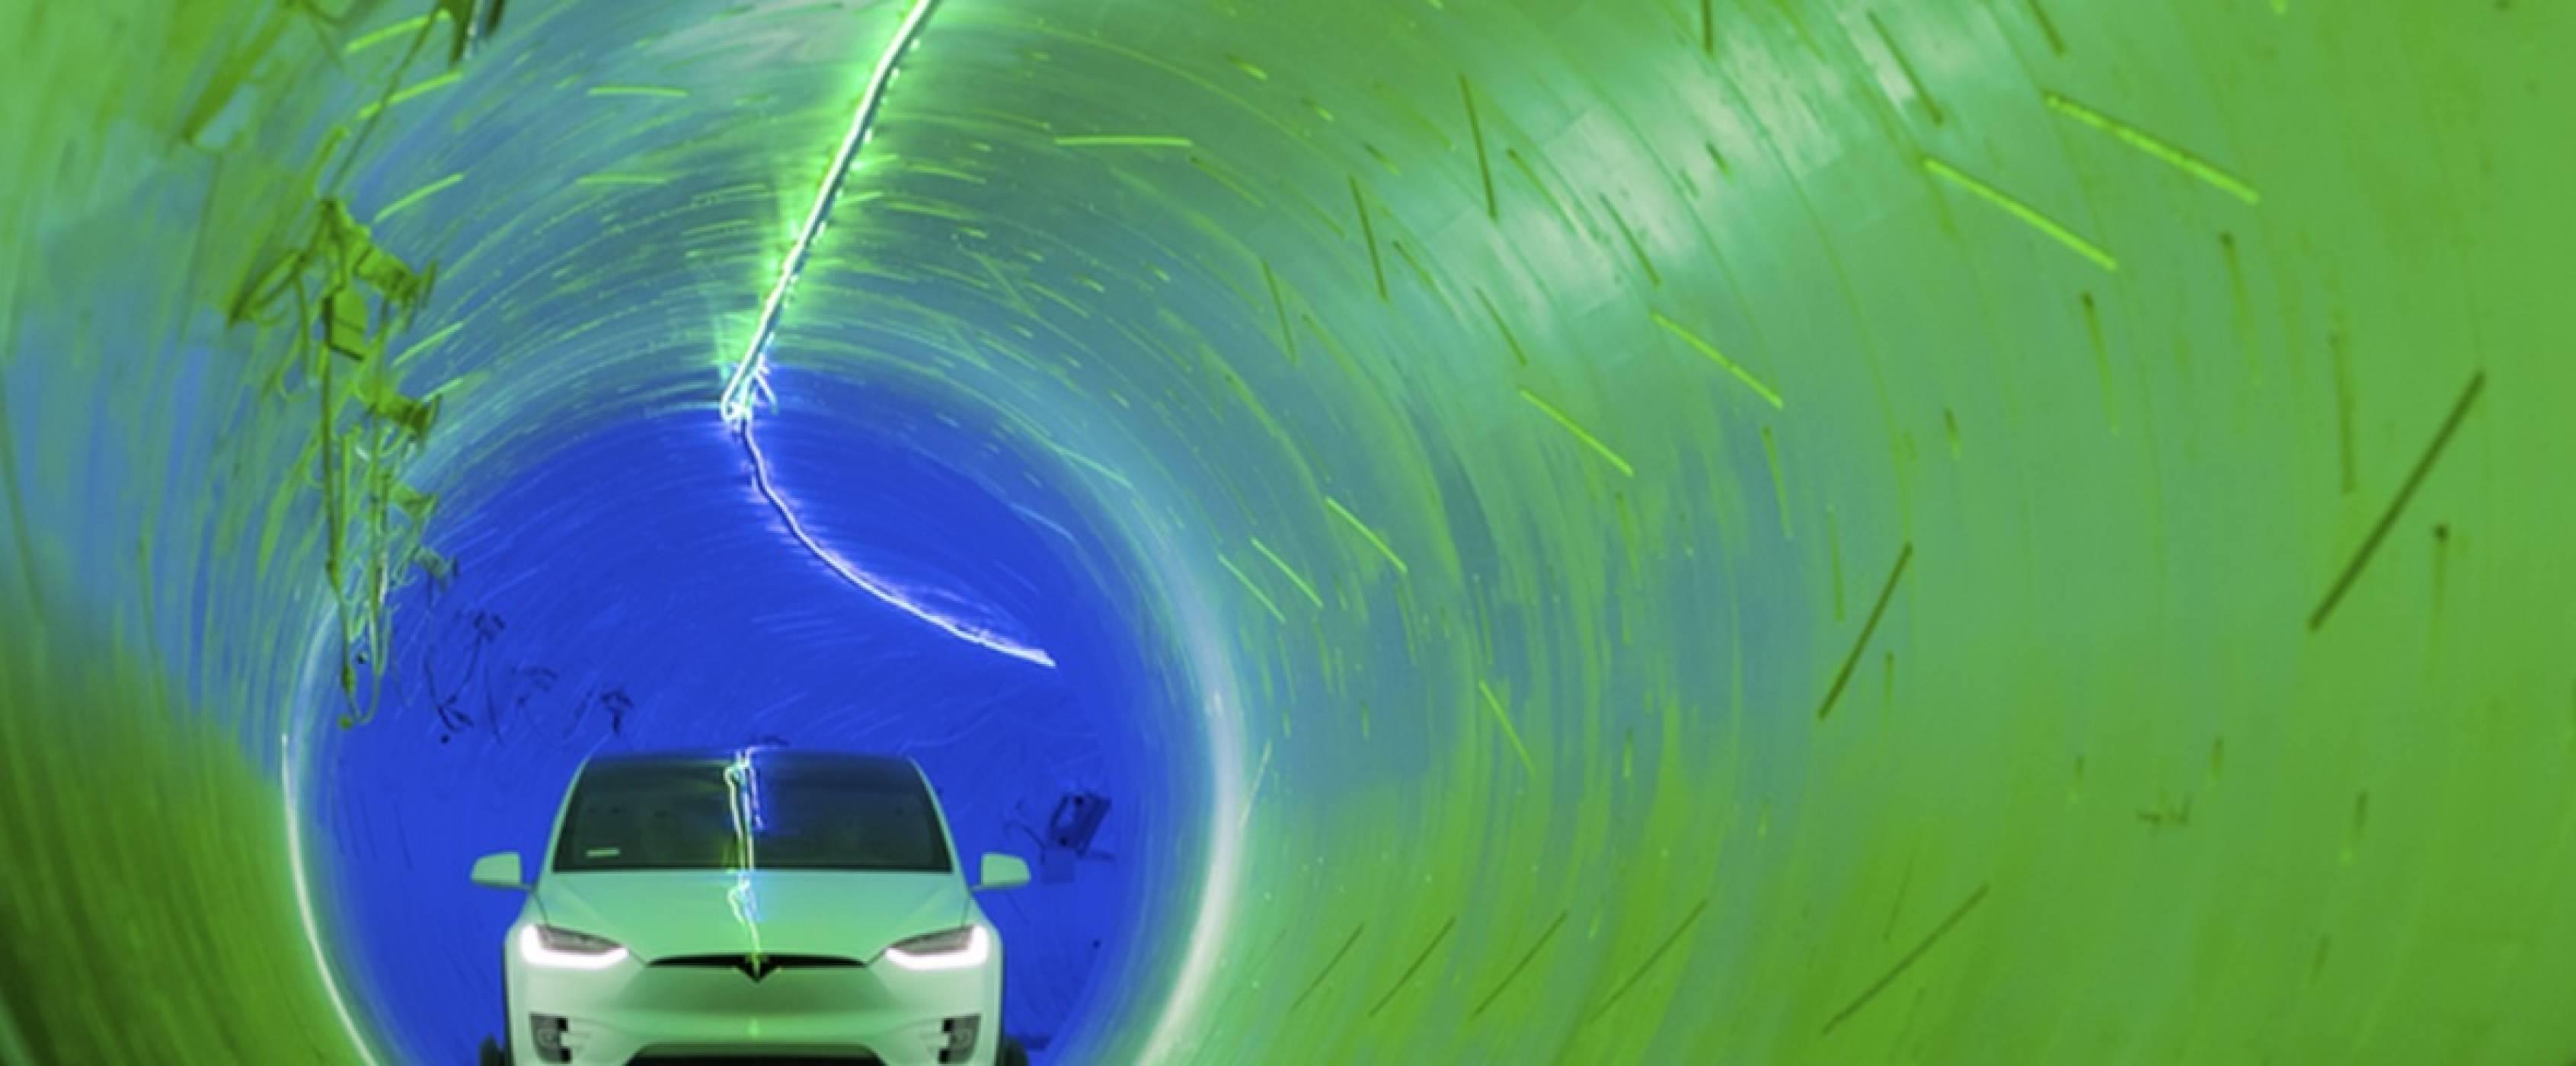 Това е първият високоскоростен тунел на Мъск под централата на SpaceX